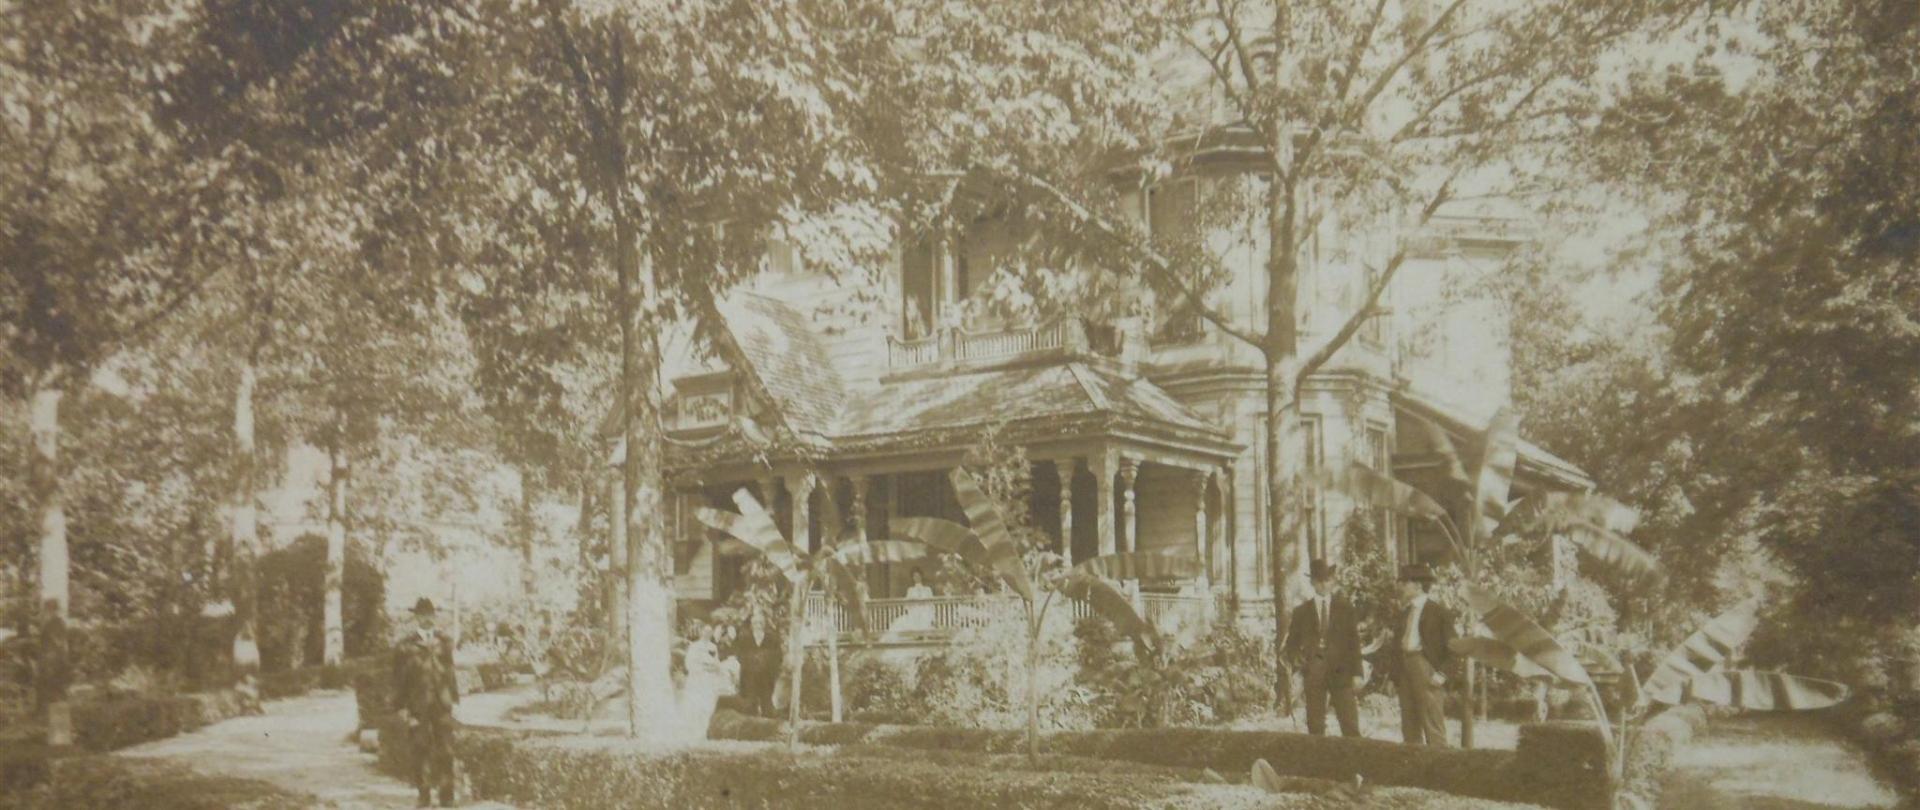 wildwood-1884-010.JPG